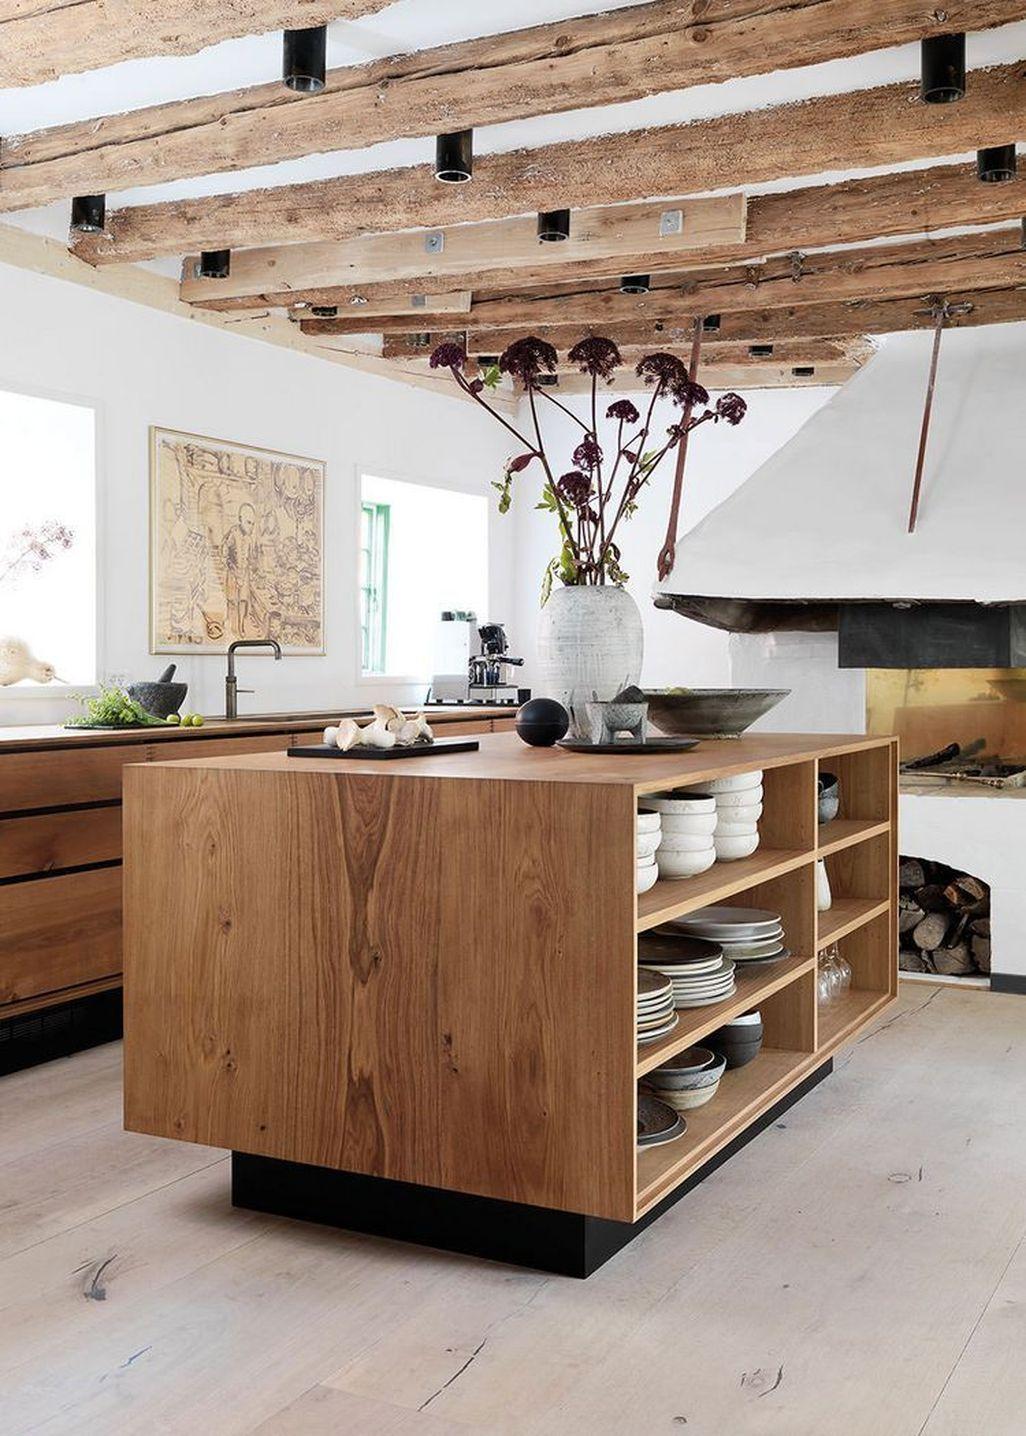 Home küche innenarchitektur bilder  amazing wooden kitchen ideas  own house  pinterest